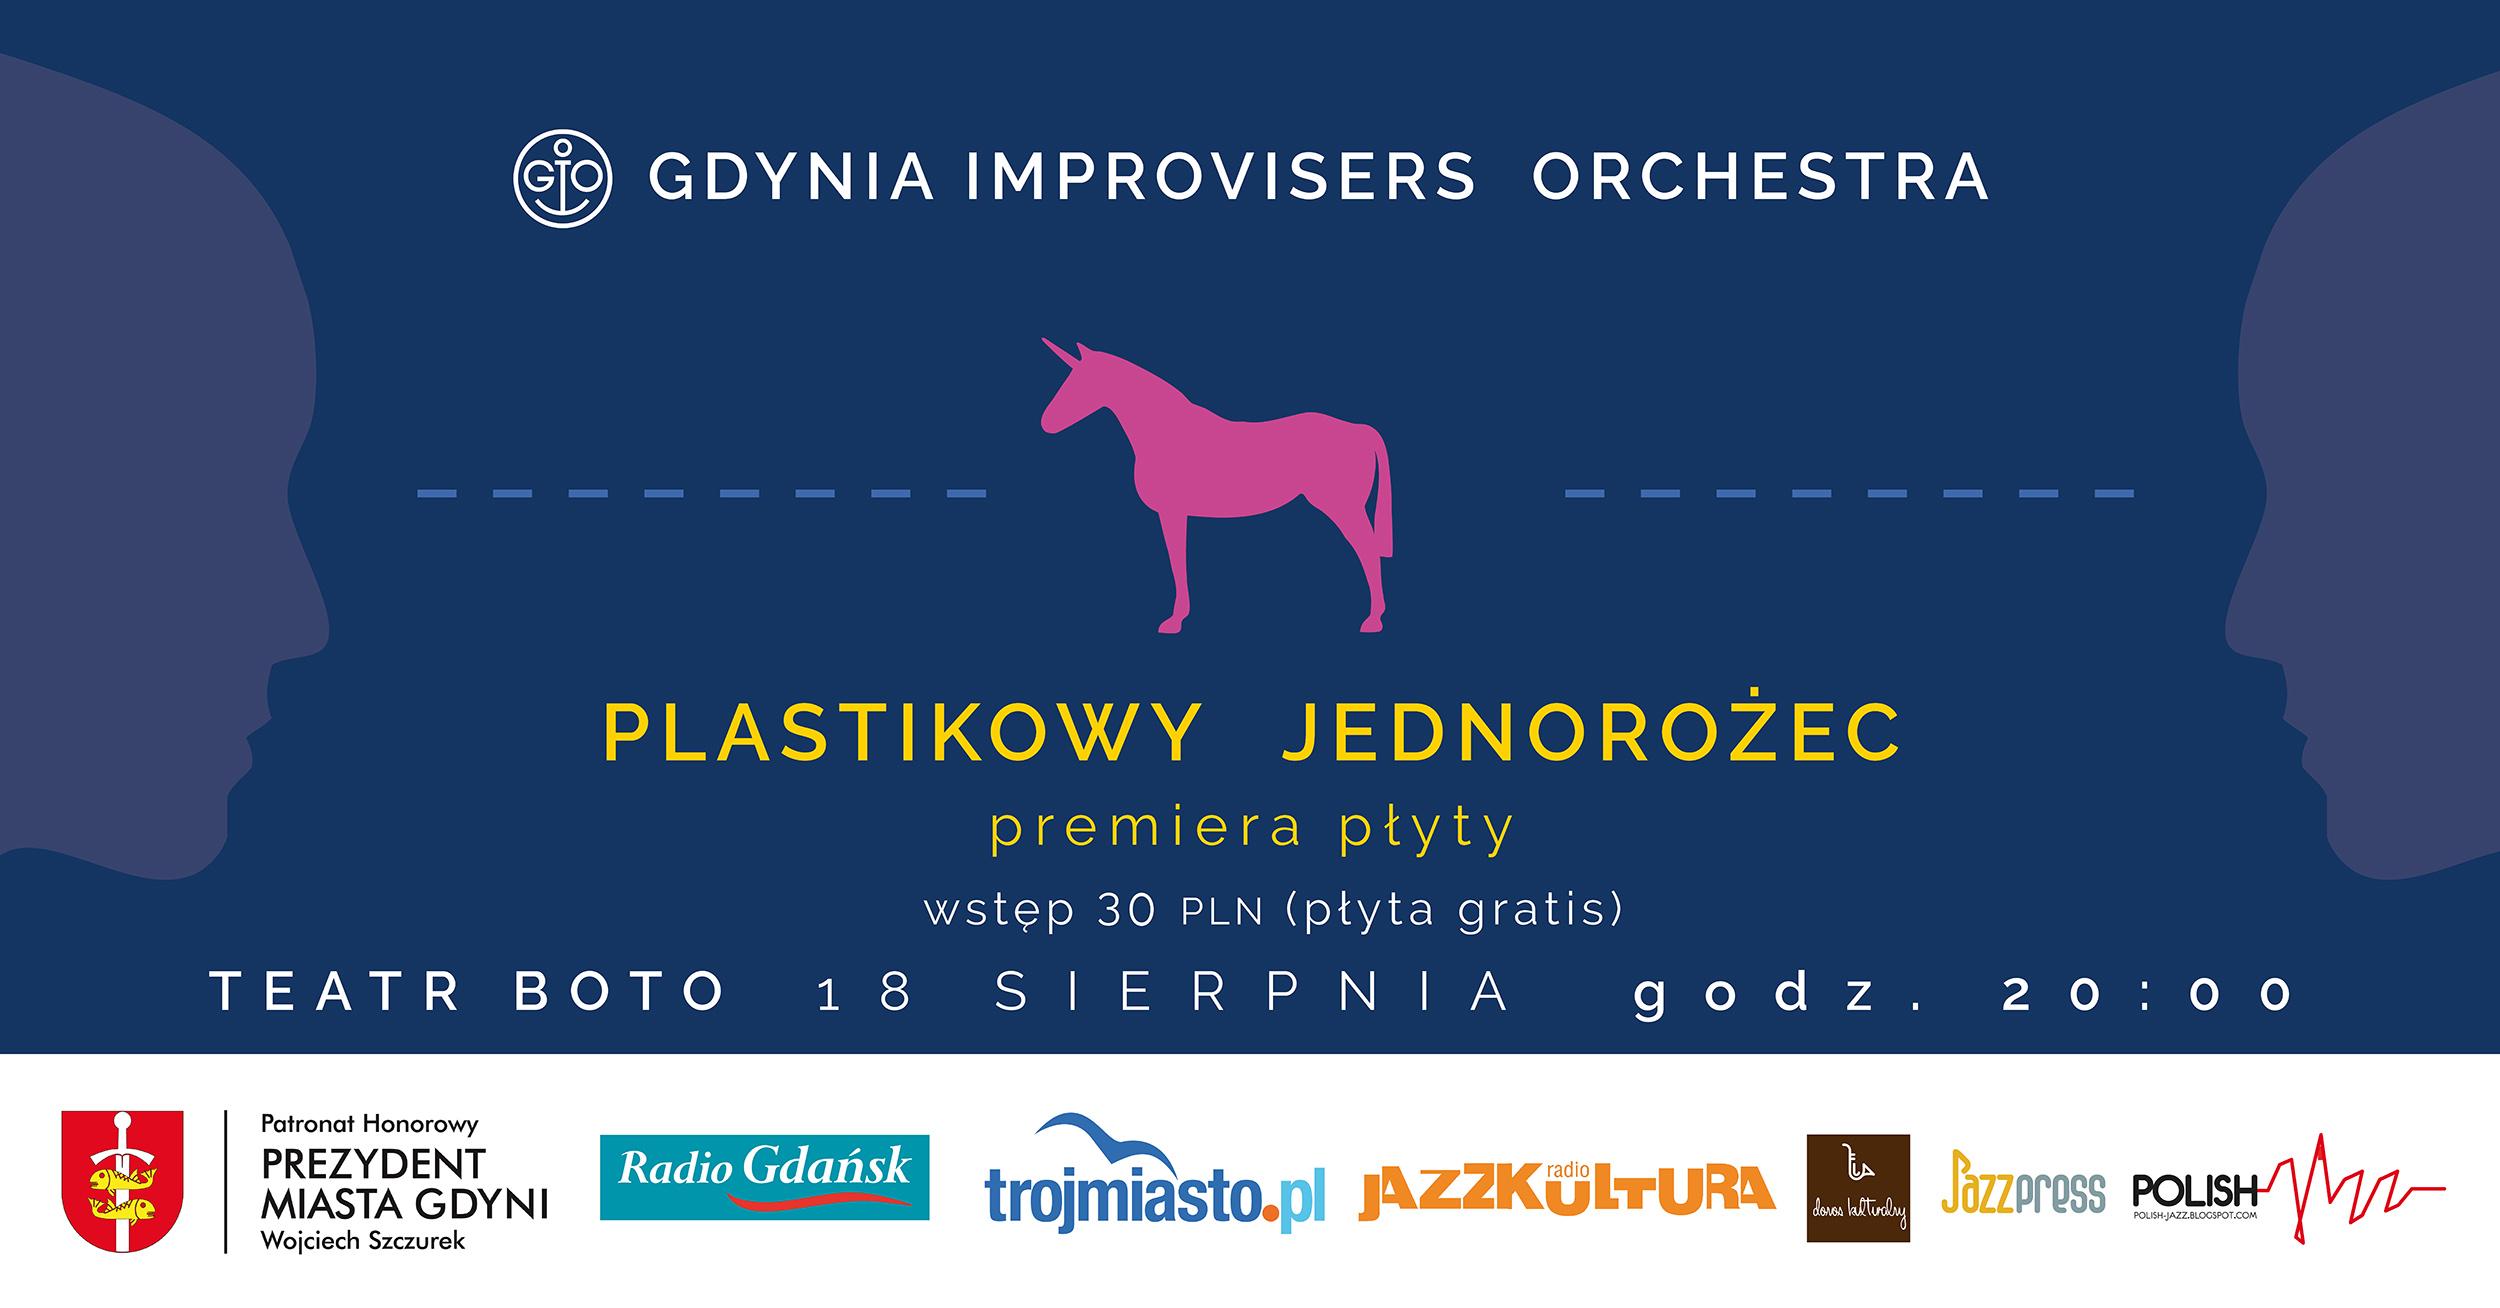 GDYNIA IMPROVISERS ORCHESTRA w BOTO ogródku (premiera płyty)